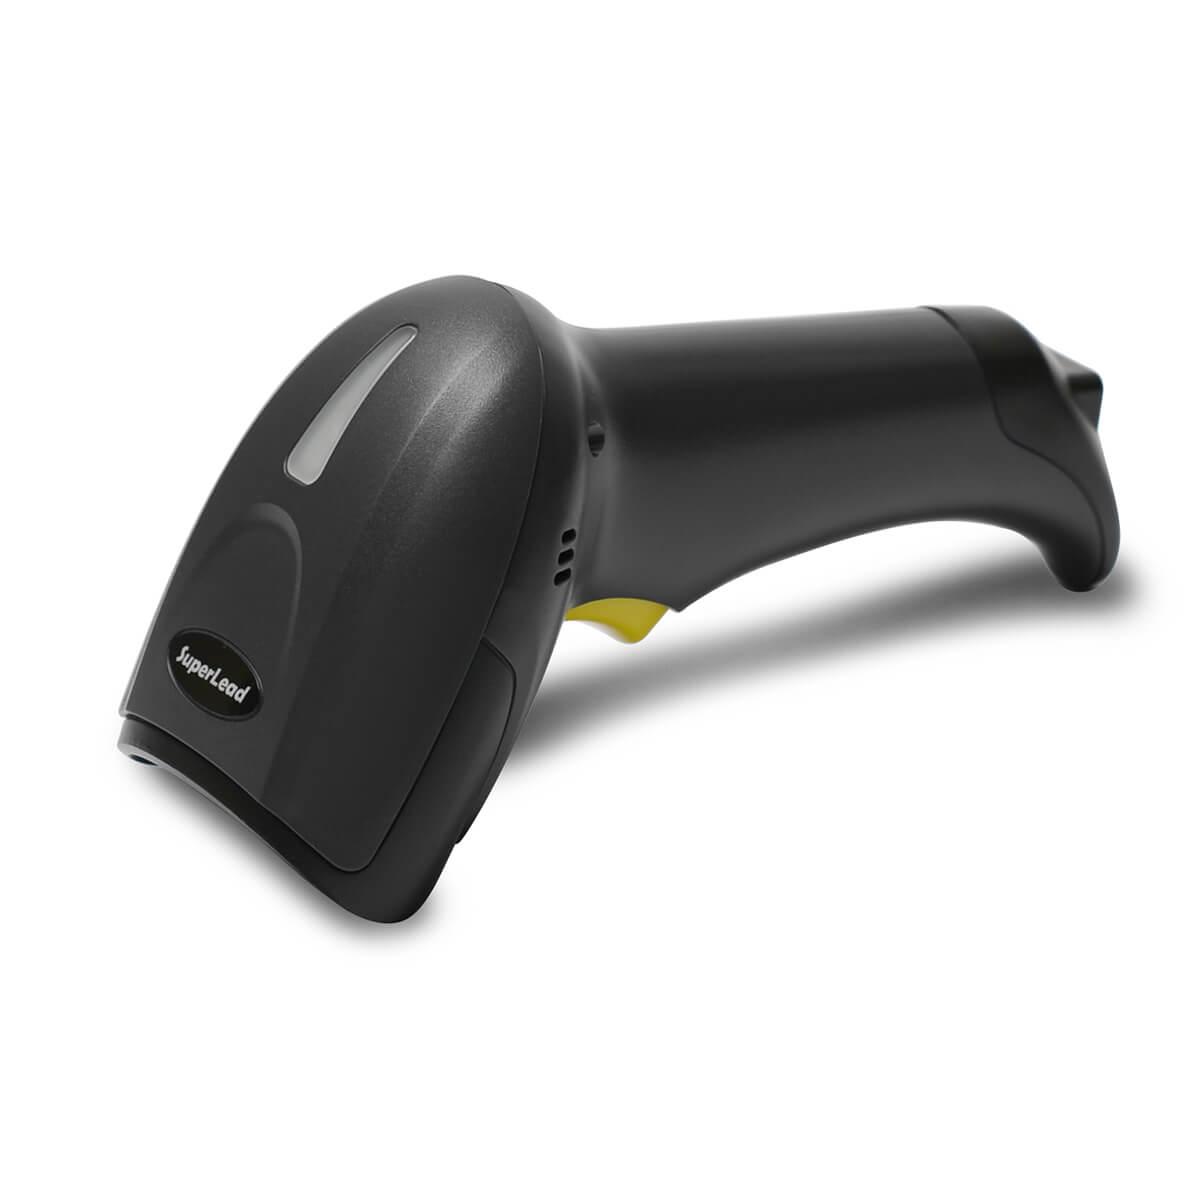 Сканер штрих-кода MERTECH 2300 P2D черный